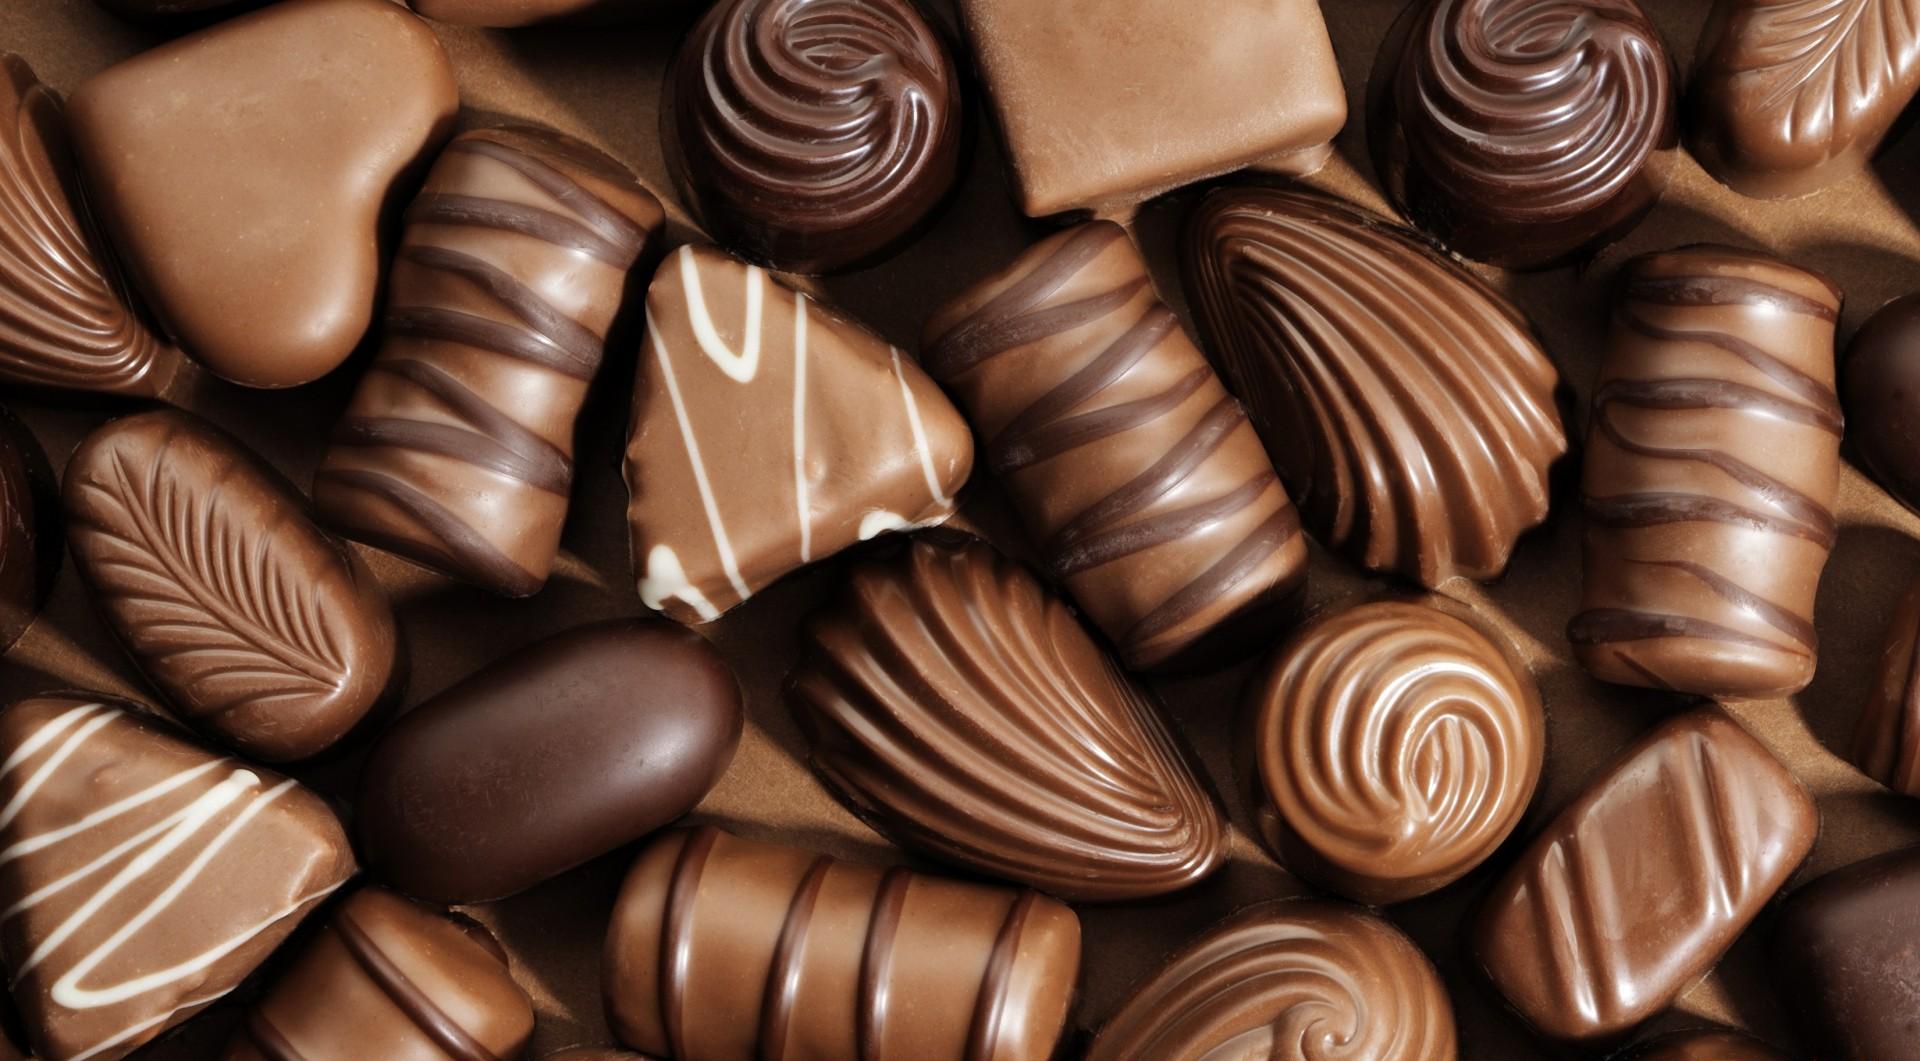 - E se sua pele tem muita espinha e você acha que isso é culpa do chocolate que anda comendo, pode ficar tranquila. A Dra. Ju Piquet afirma que chocolate não provoca a acne, e sim uma dieta com alto índice glicêmico. Já o leite desnatado, se você ingere com muita frequência, pode ser um dos causadores da espinha.